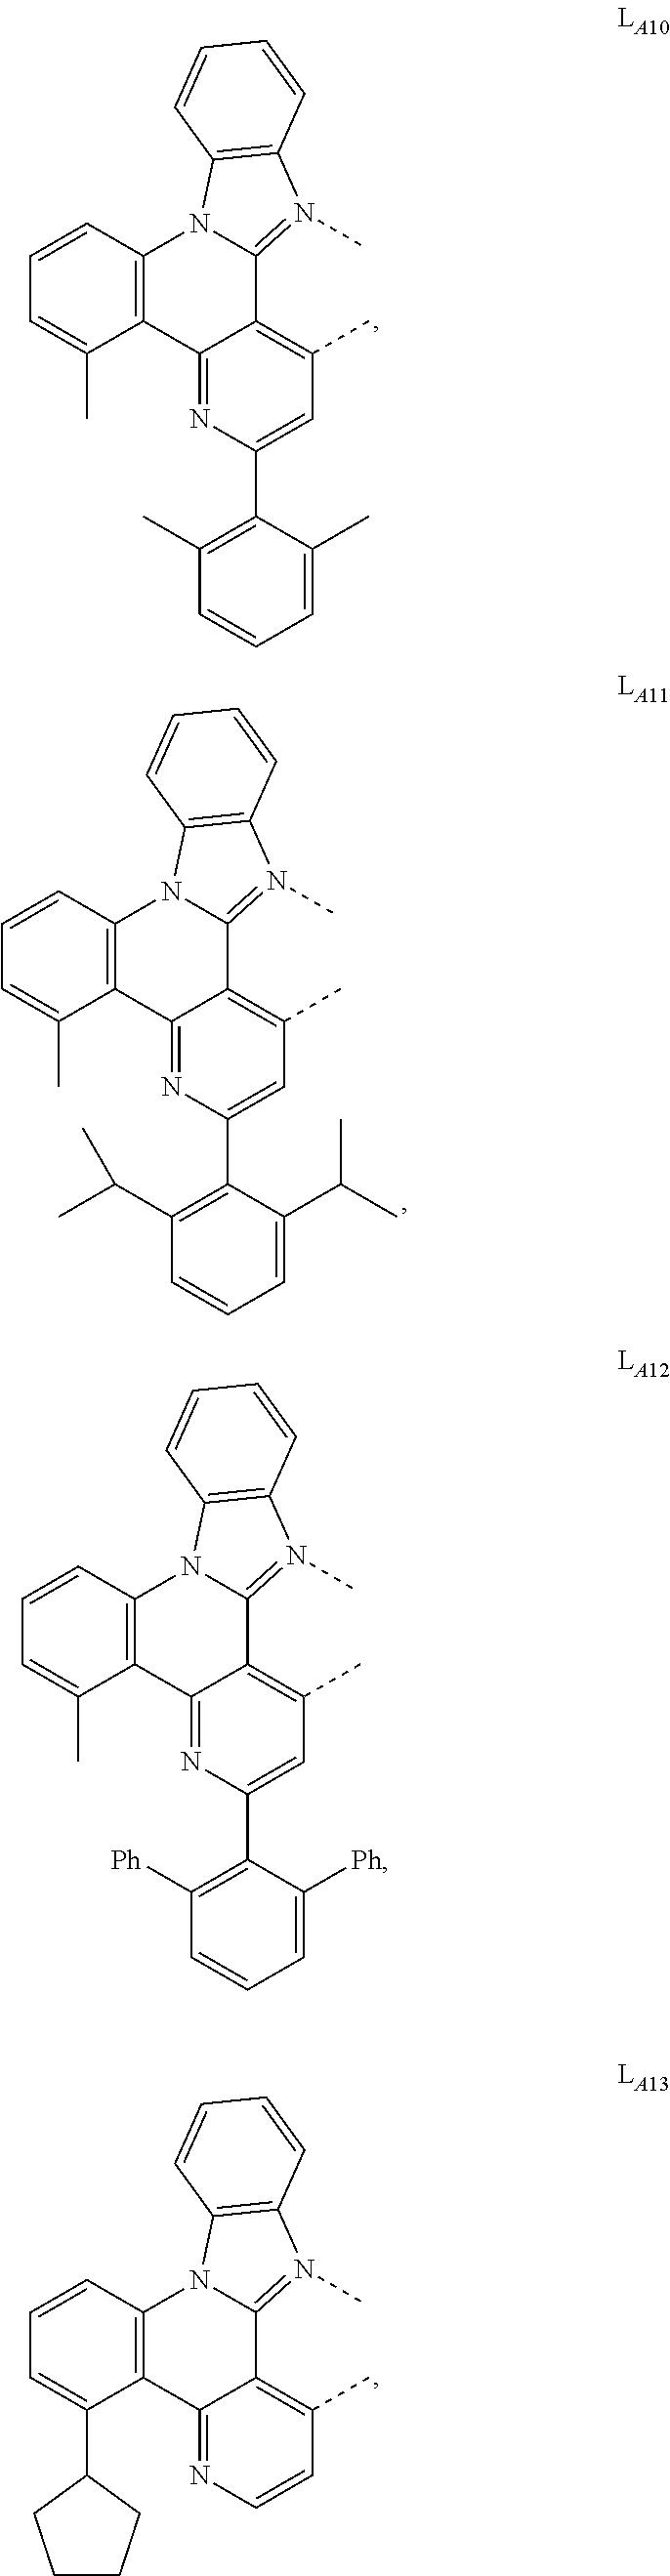 Figure US09905785-20180227-C00426